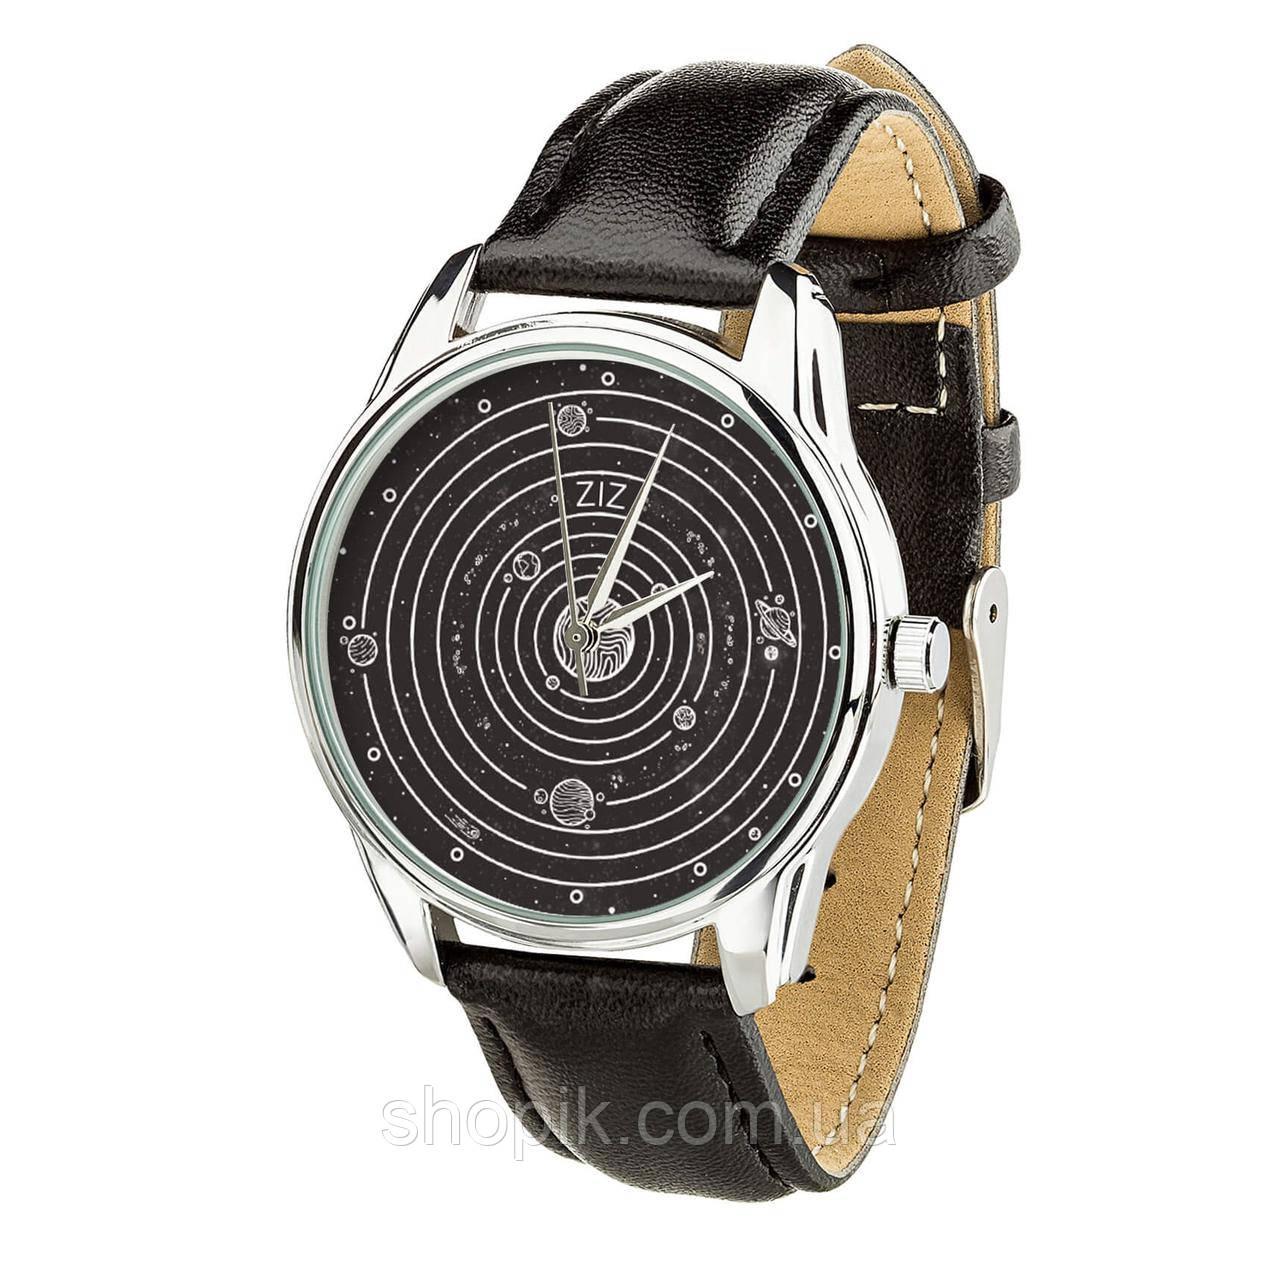 Часы ZIZ Планеты (ремешок насыщенно - черный, серебро) + дополнительный ремешок SHOPIK